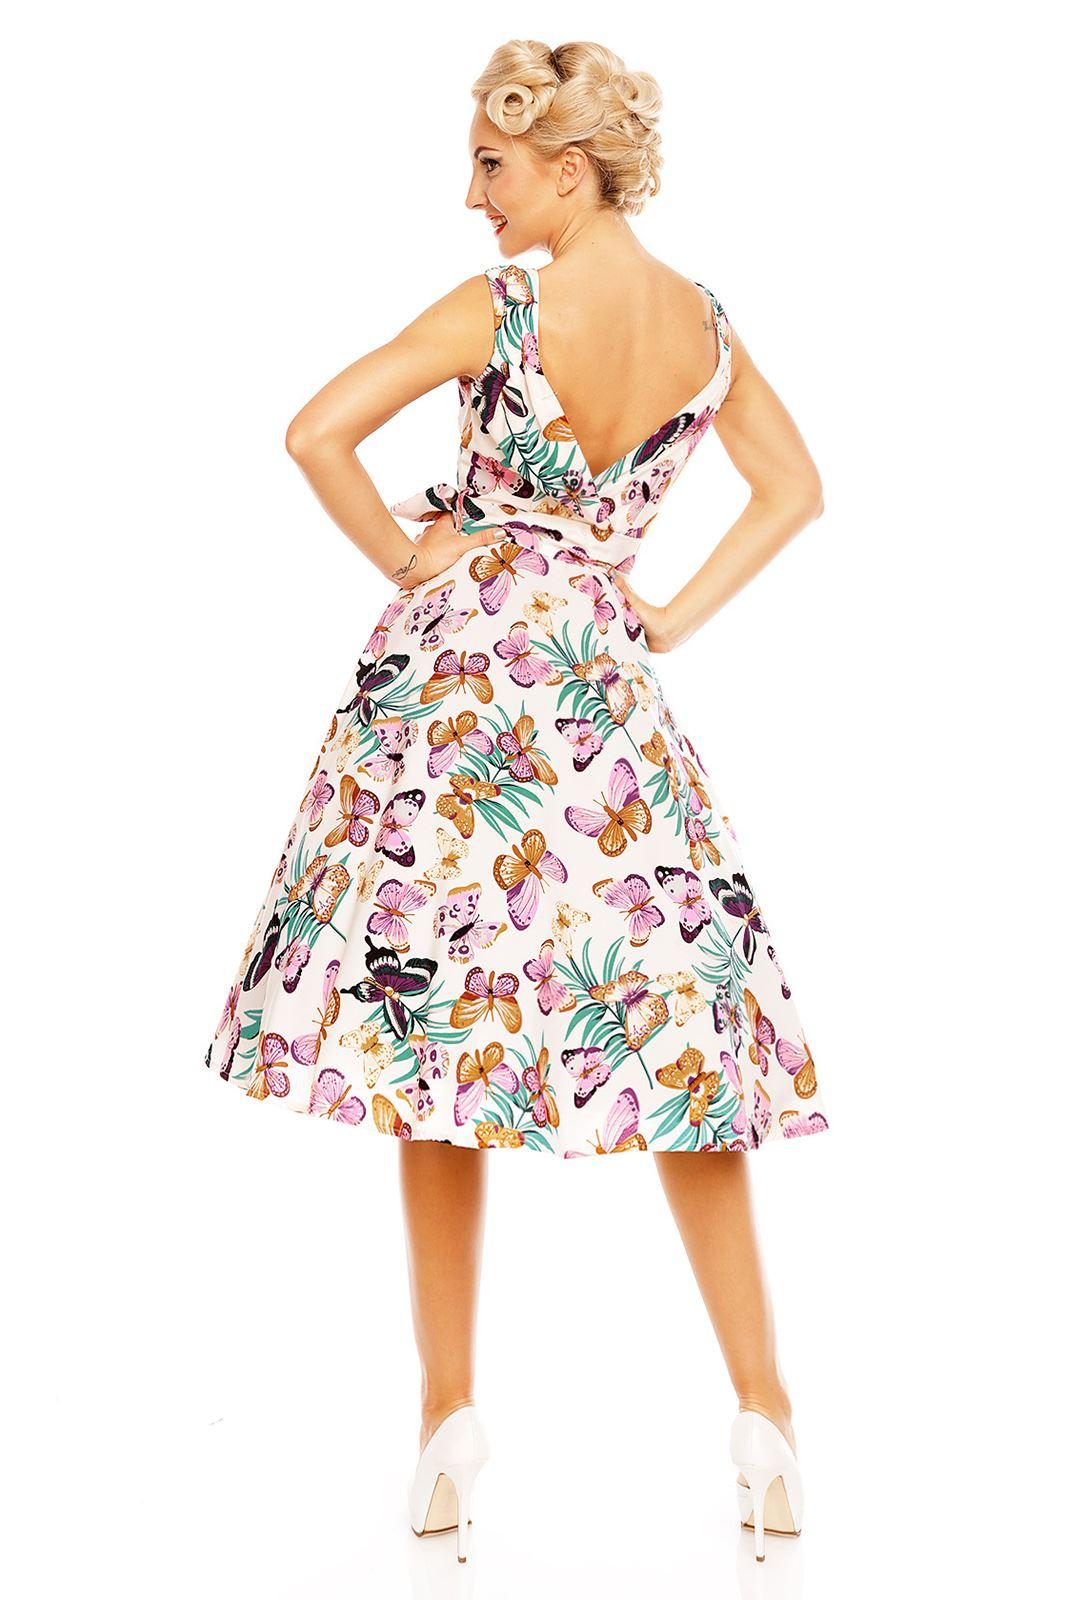 Looking Glam Retro Vintage kleid Für Frauen Schmetterling Drucken